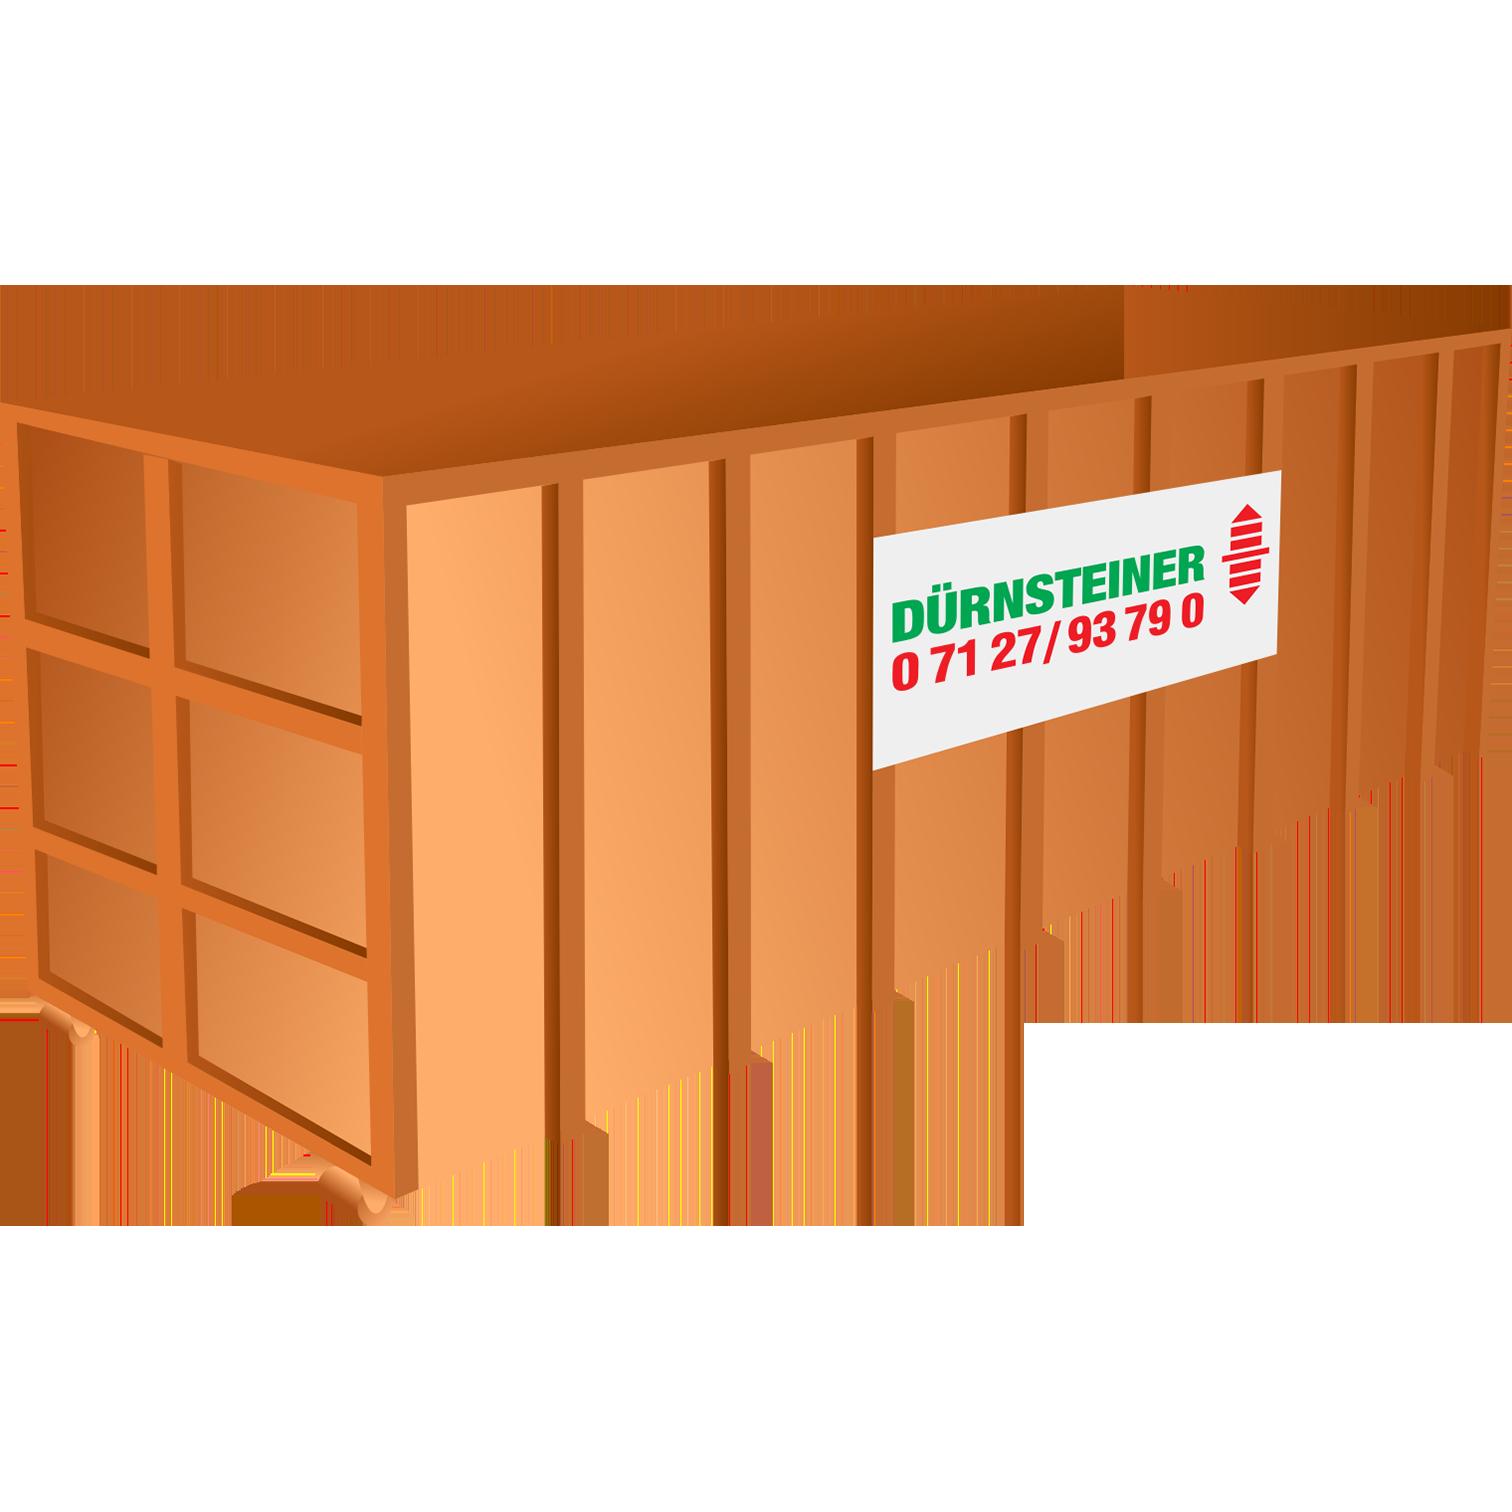 7_abrollcontainer-36cbm-offen-duernsteiner